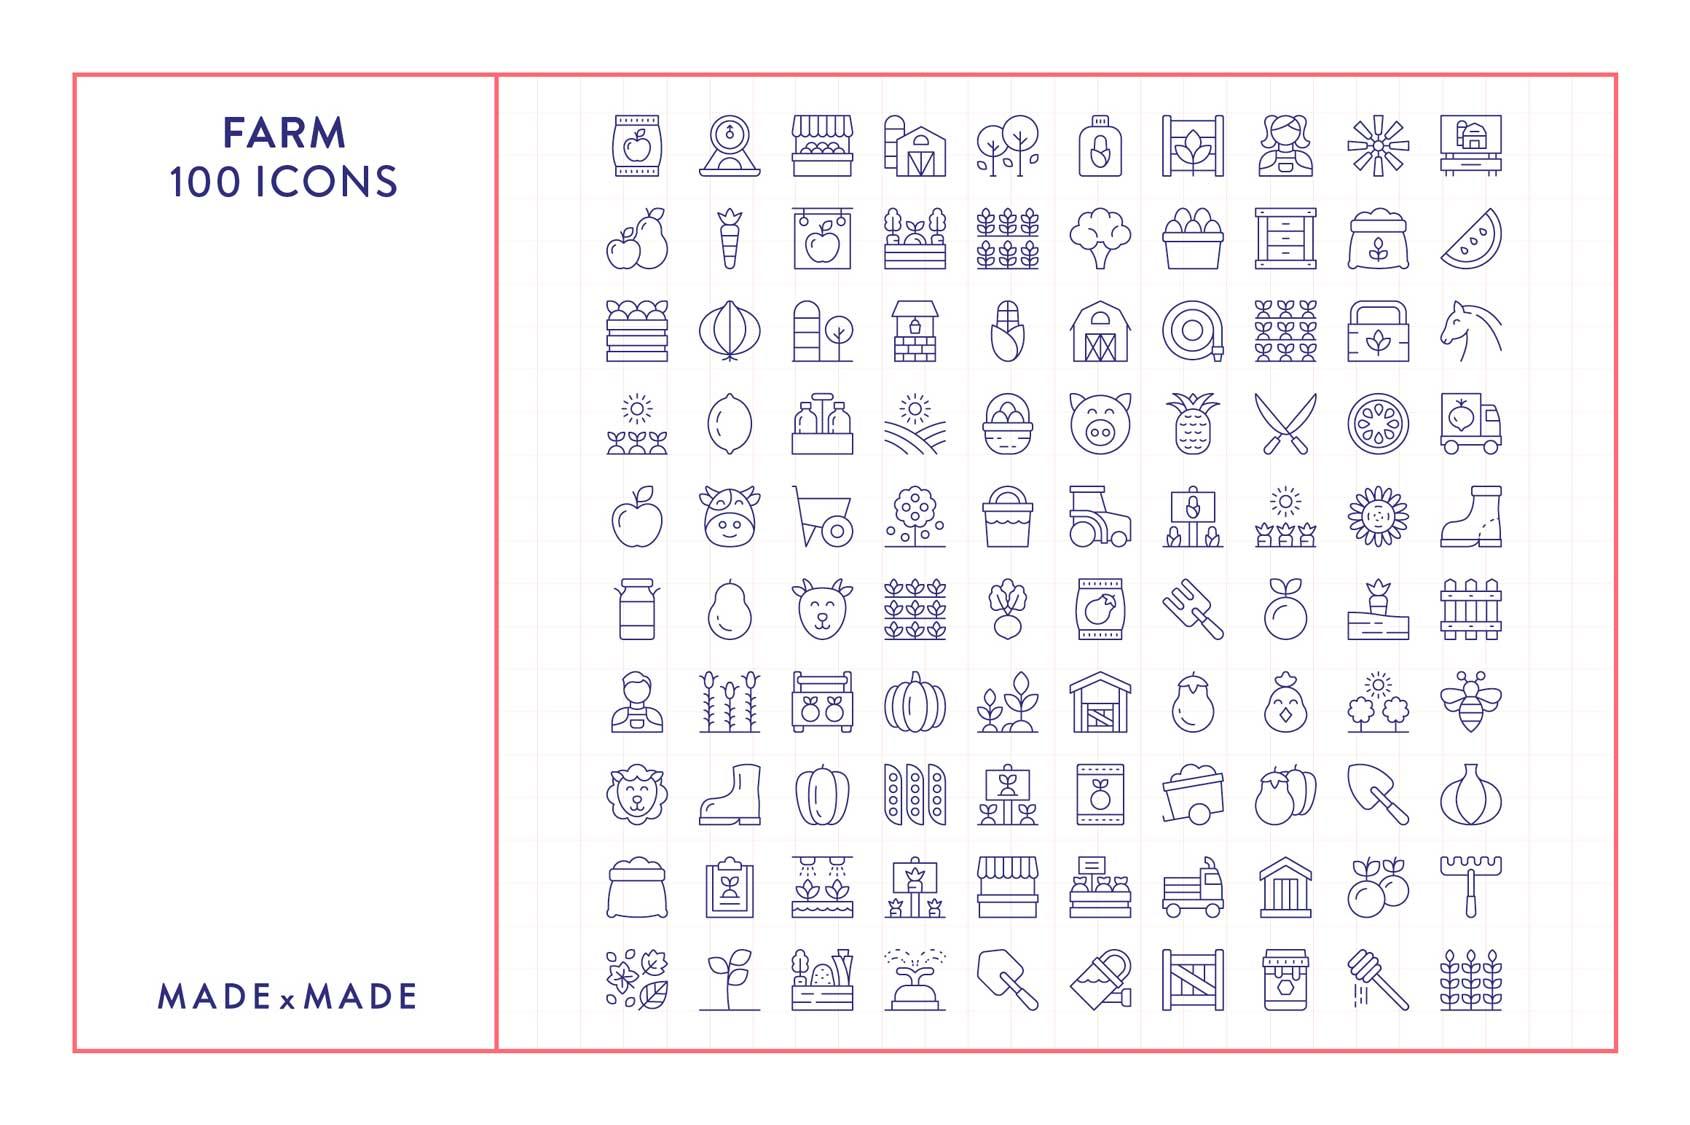 made x made icons farm